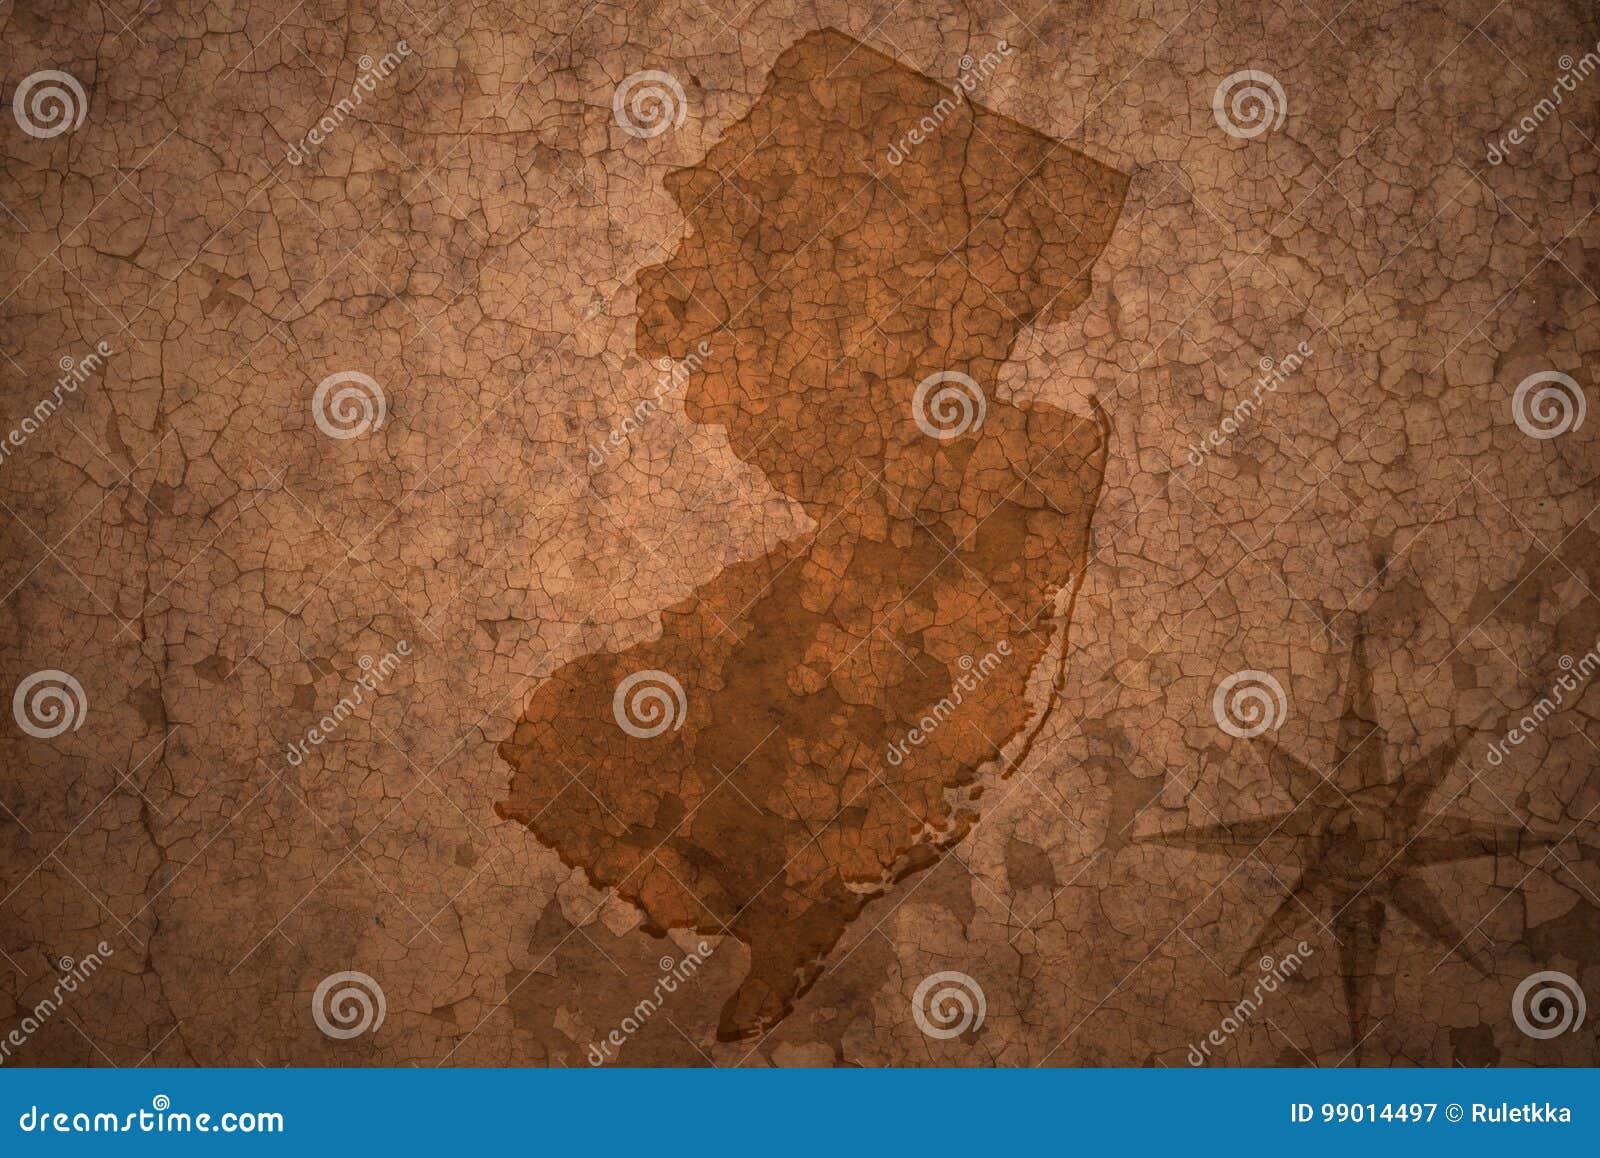 新泽西在老葡萄酒纸背景的状态地图